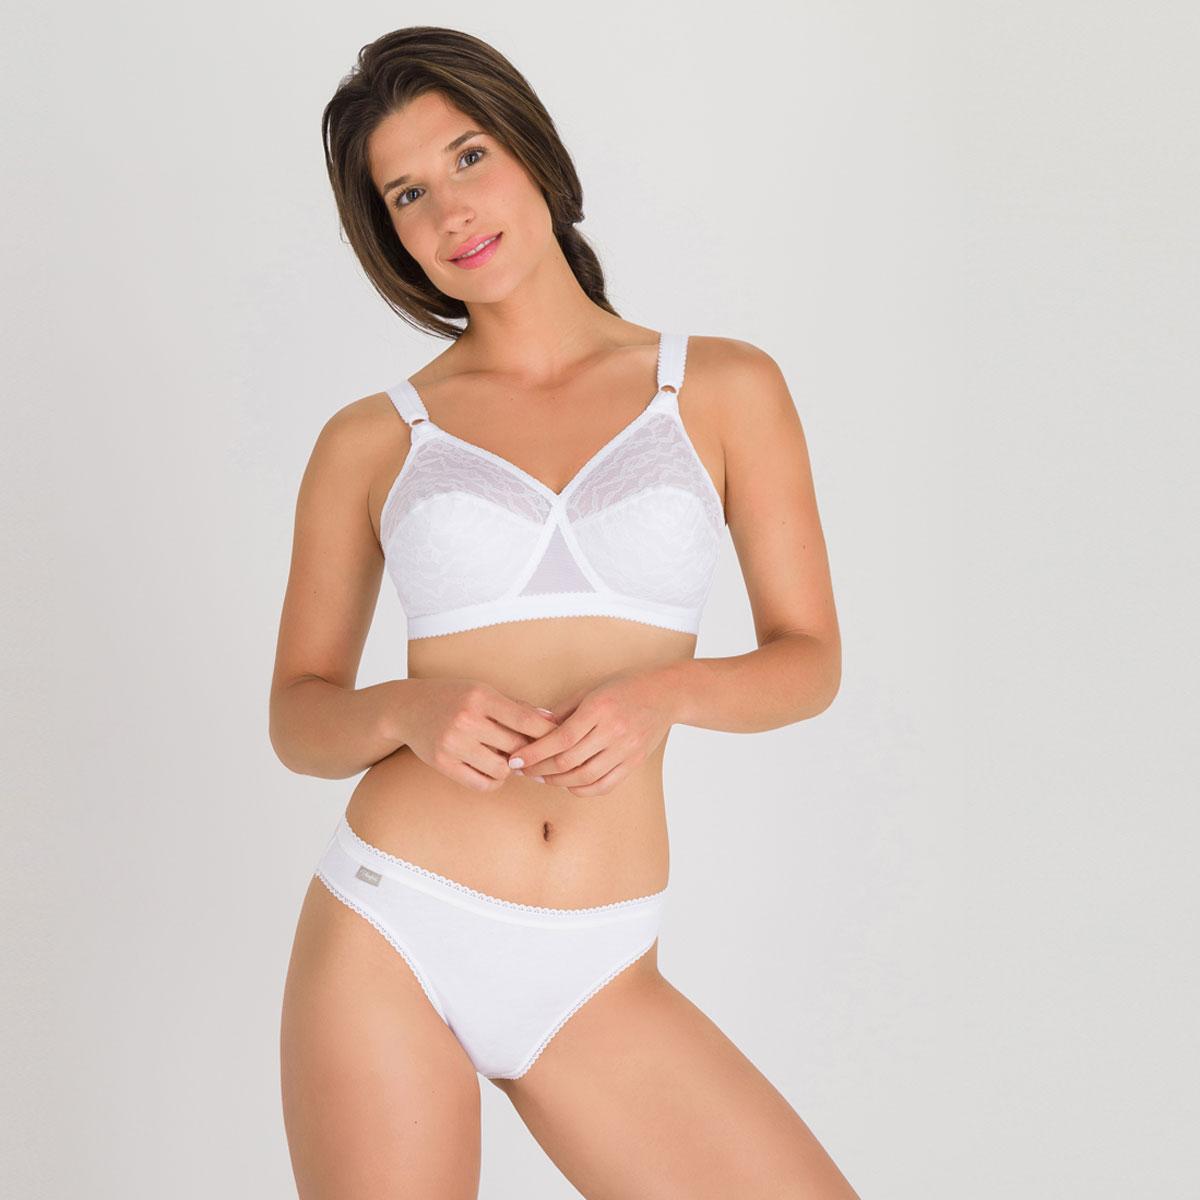 Pacco da 3 Slip Sgambati bianco - Cotone - PLAYTEX